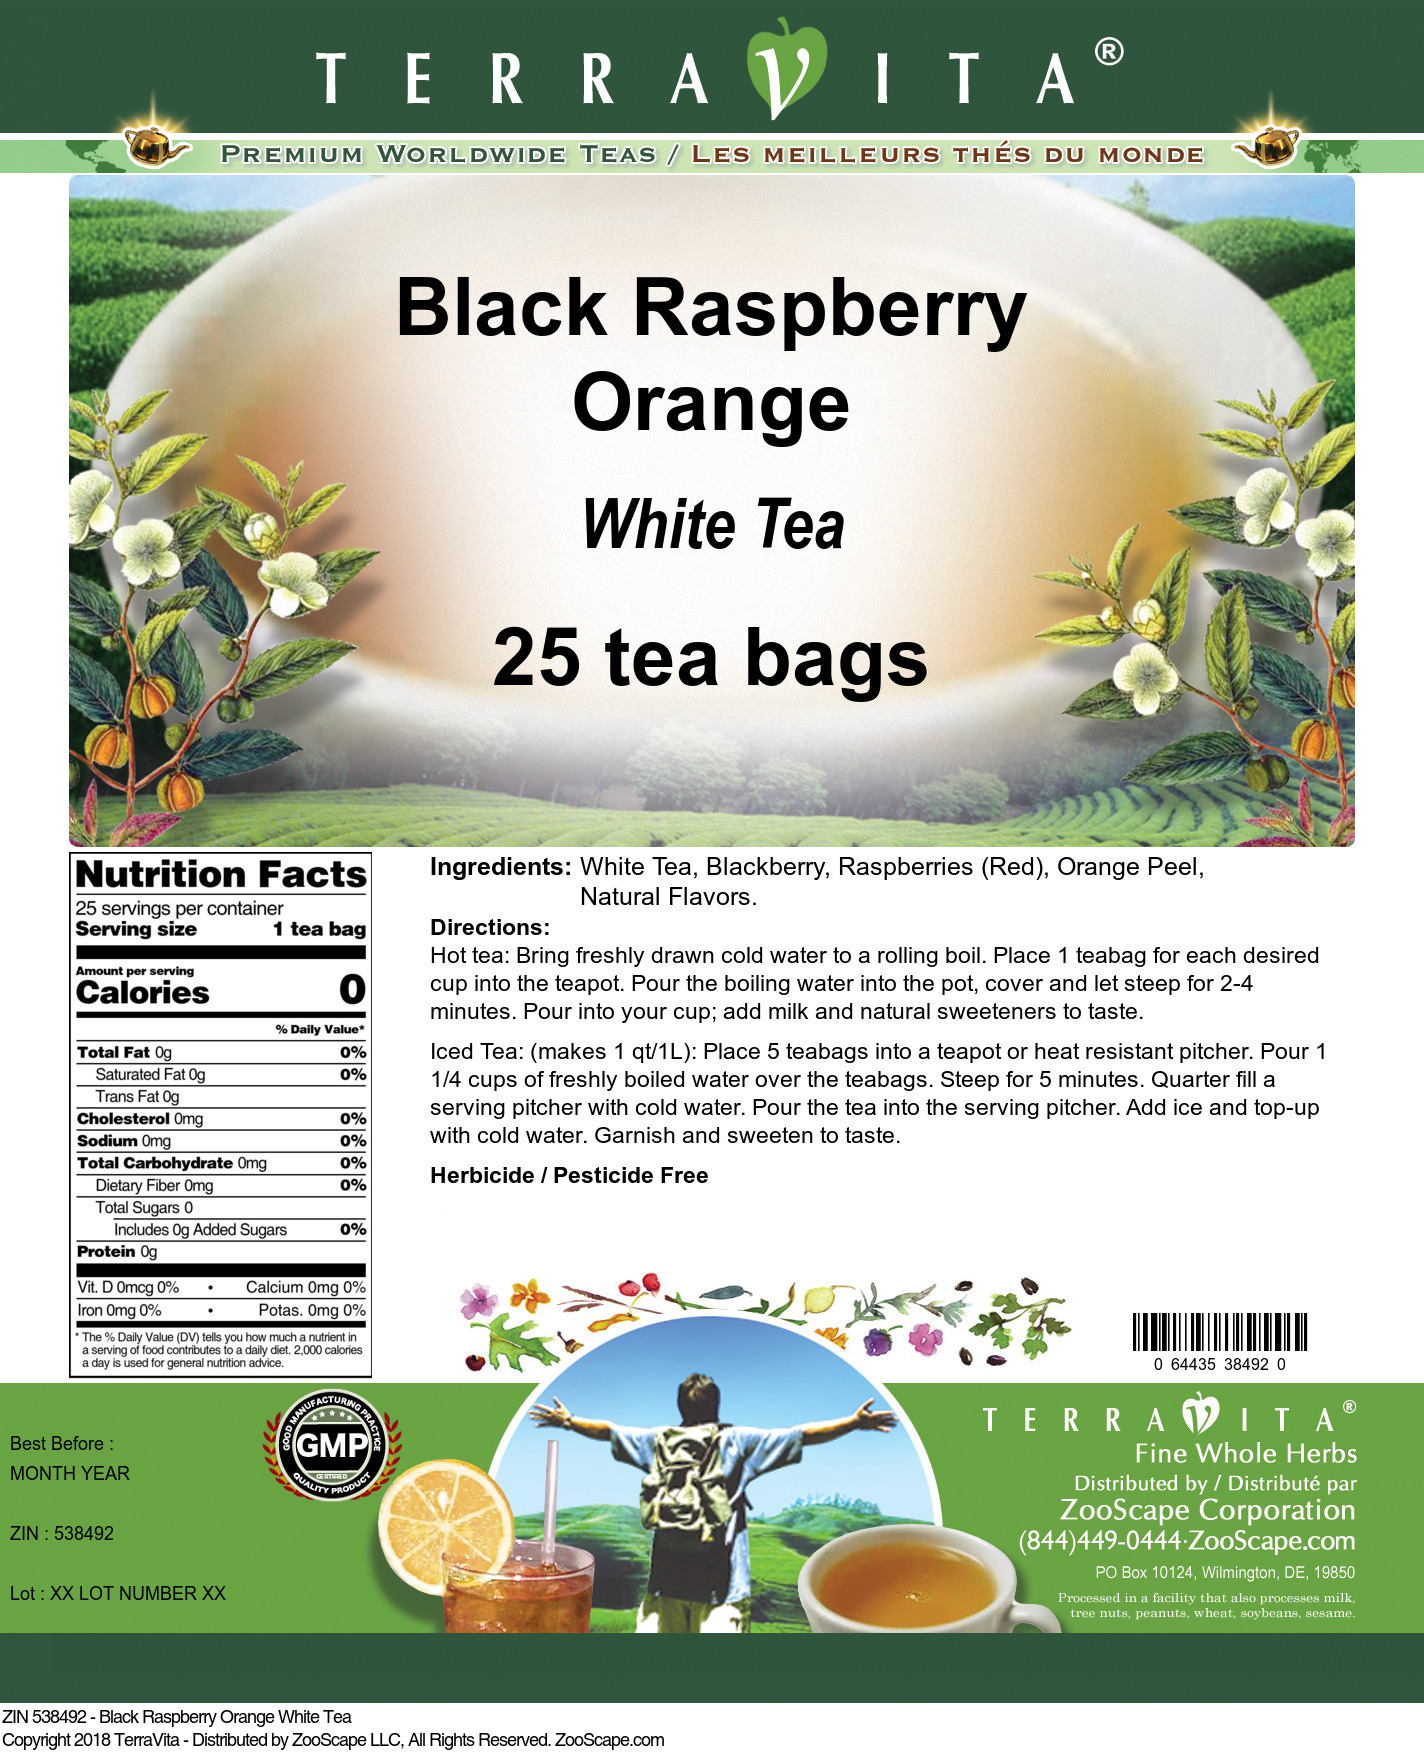 Black Raspberry Orange White Tea